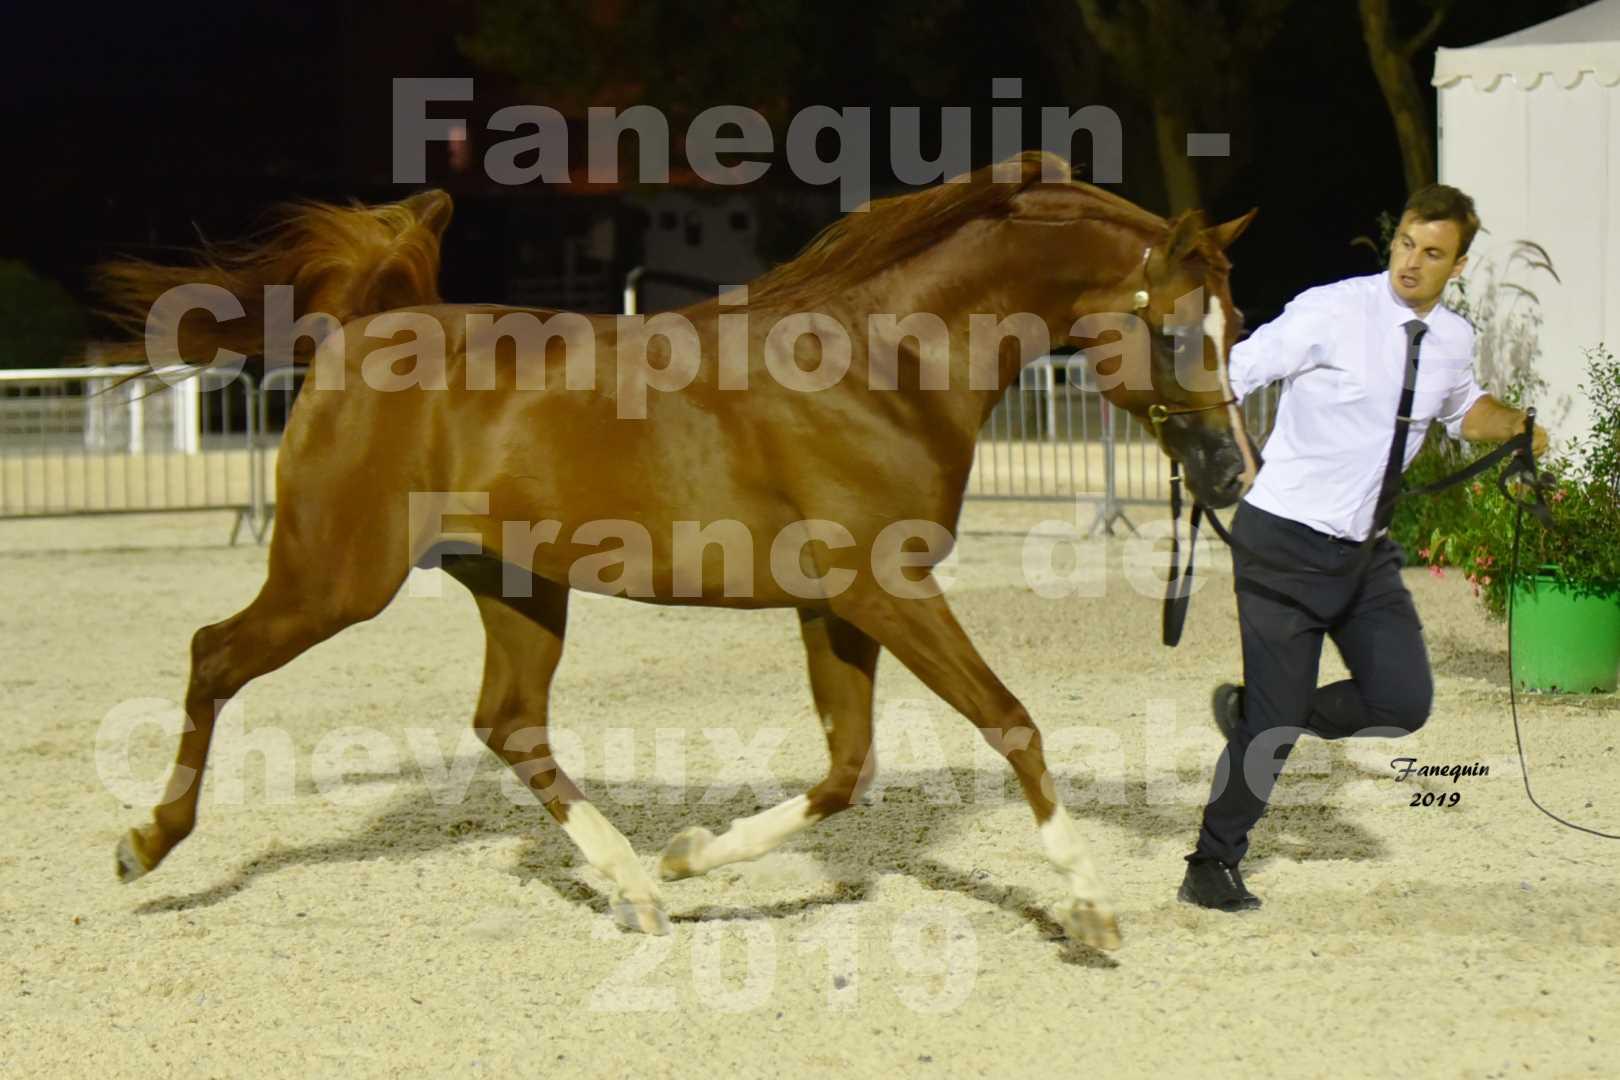 Championnat de France des chevaux Arabes en 2019 à VICHY - DZHARI NUNKI - 3